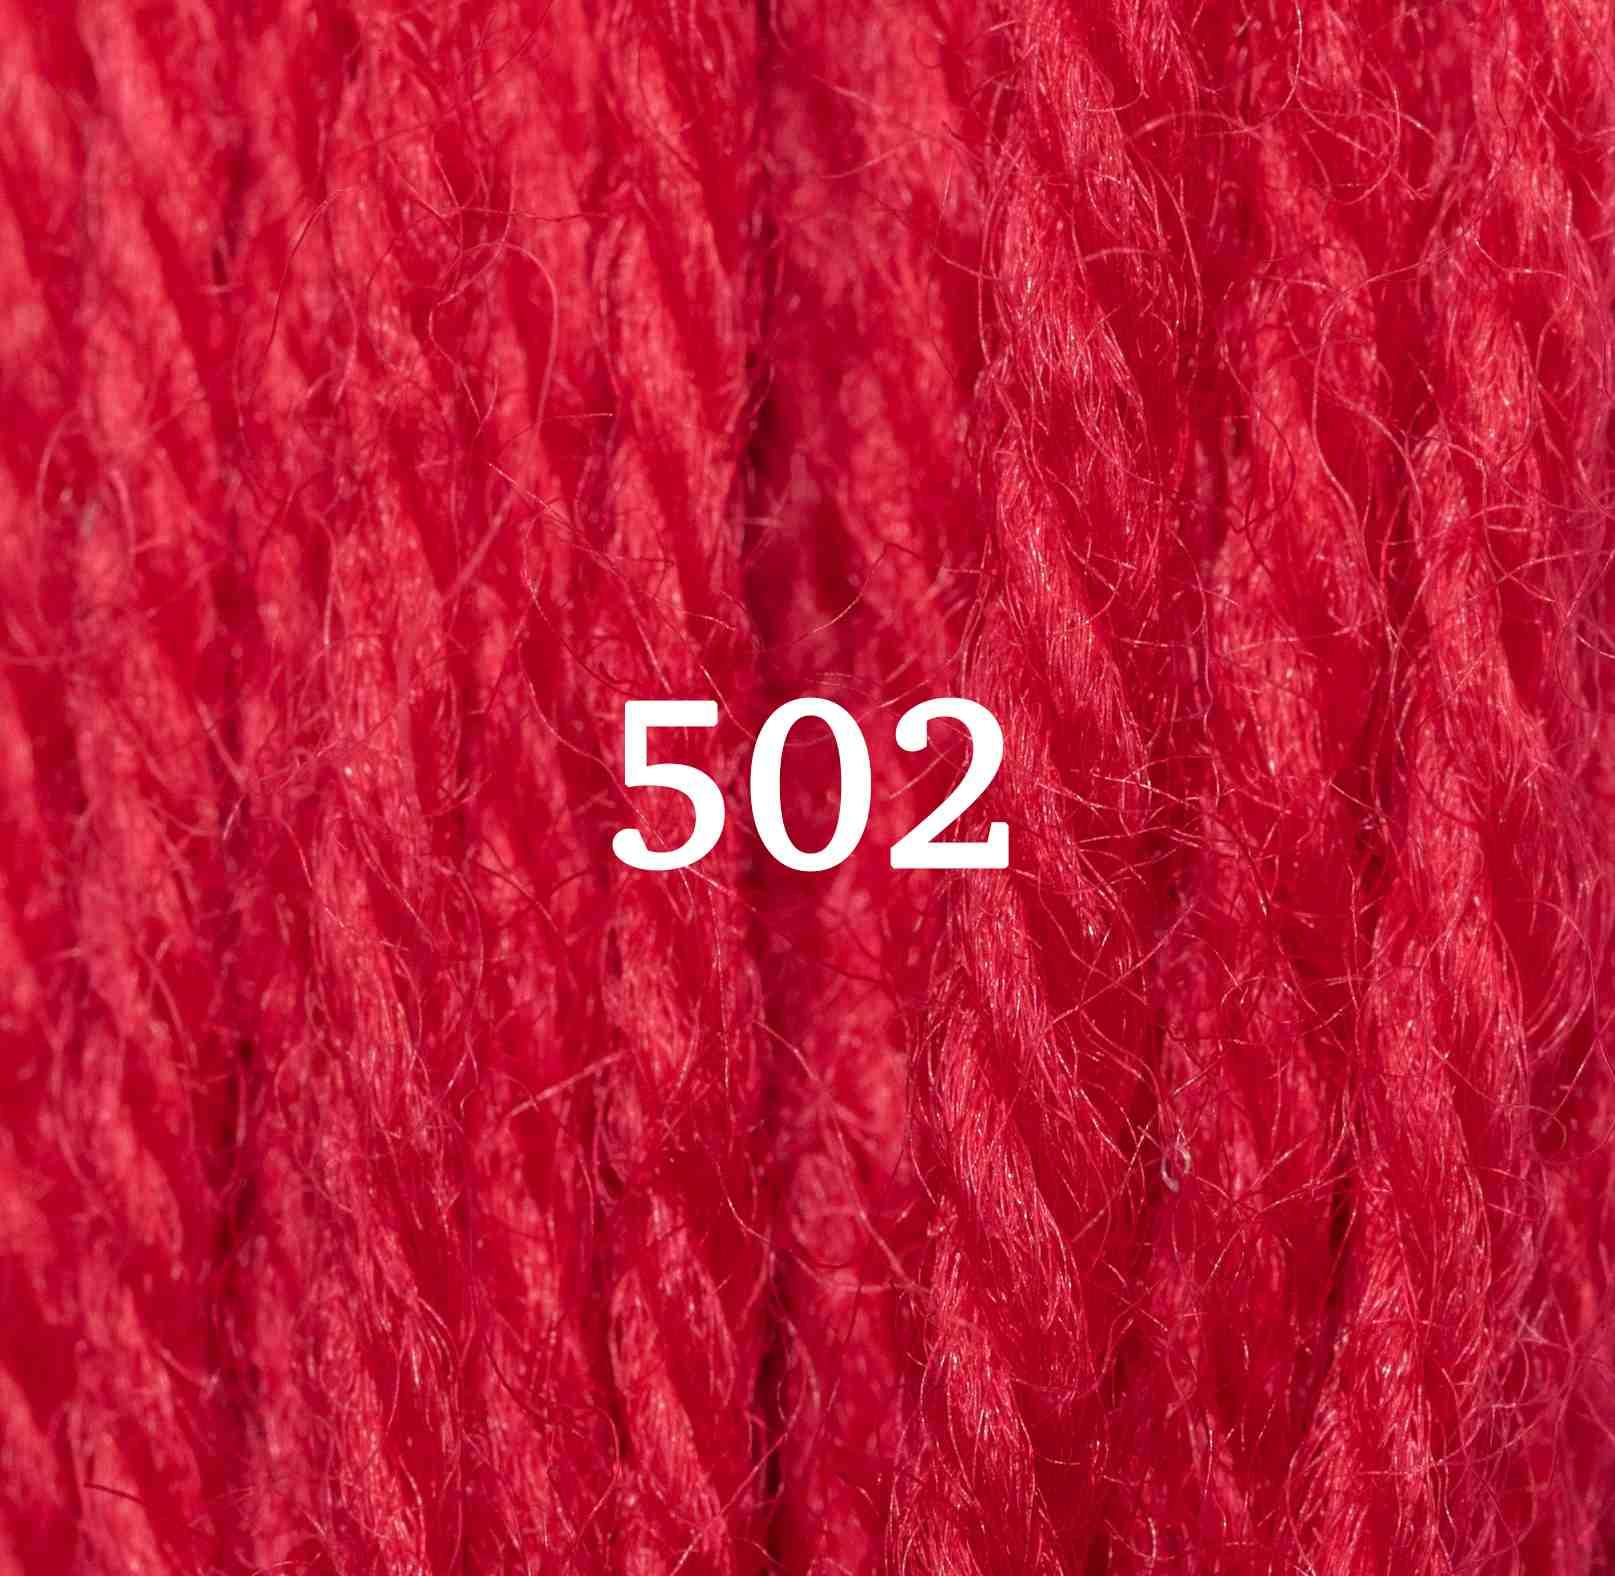 Scarlet-502